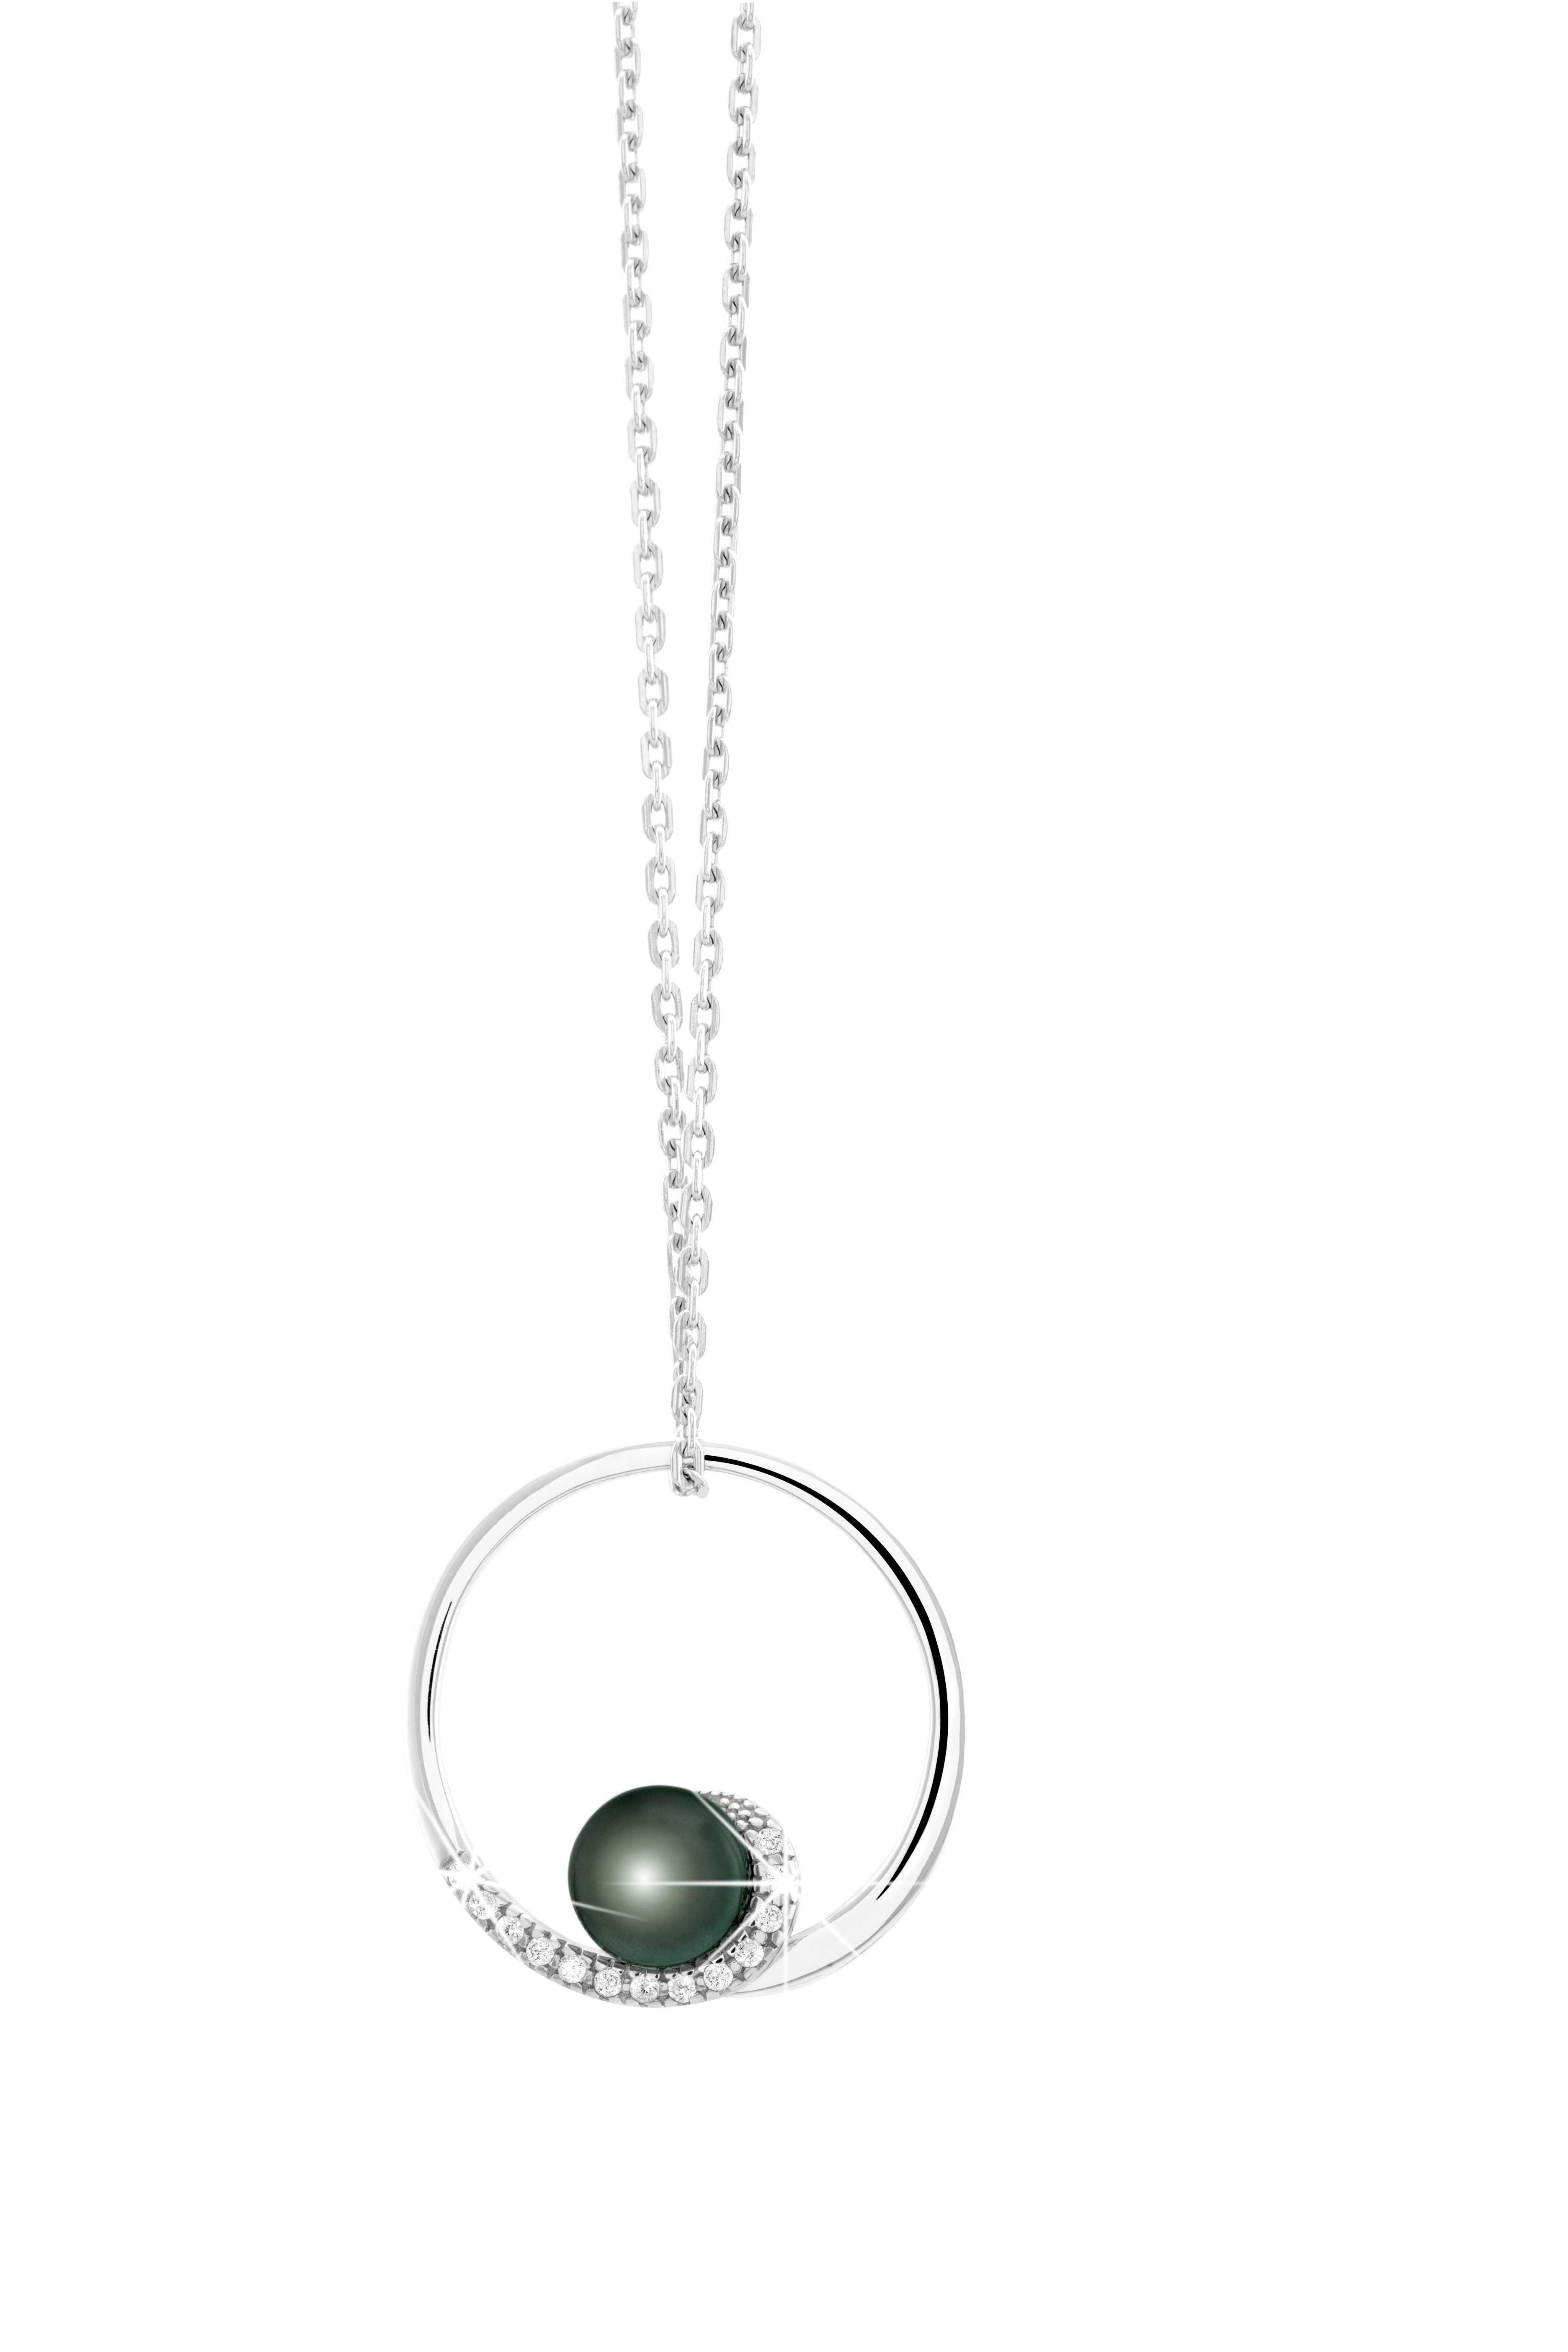 b072d15fc668f Collier Diamantor   Argent et oxydes de zirconium et perle  collier  femme   bijoux  diamantor  cadeau  noel  argent  fantaisie  pendentif  diamantor   cadeau ...